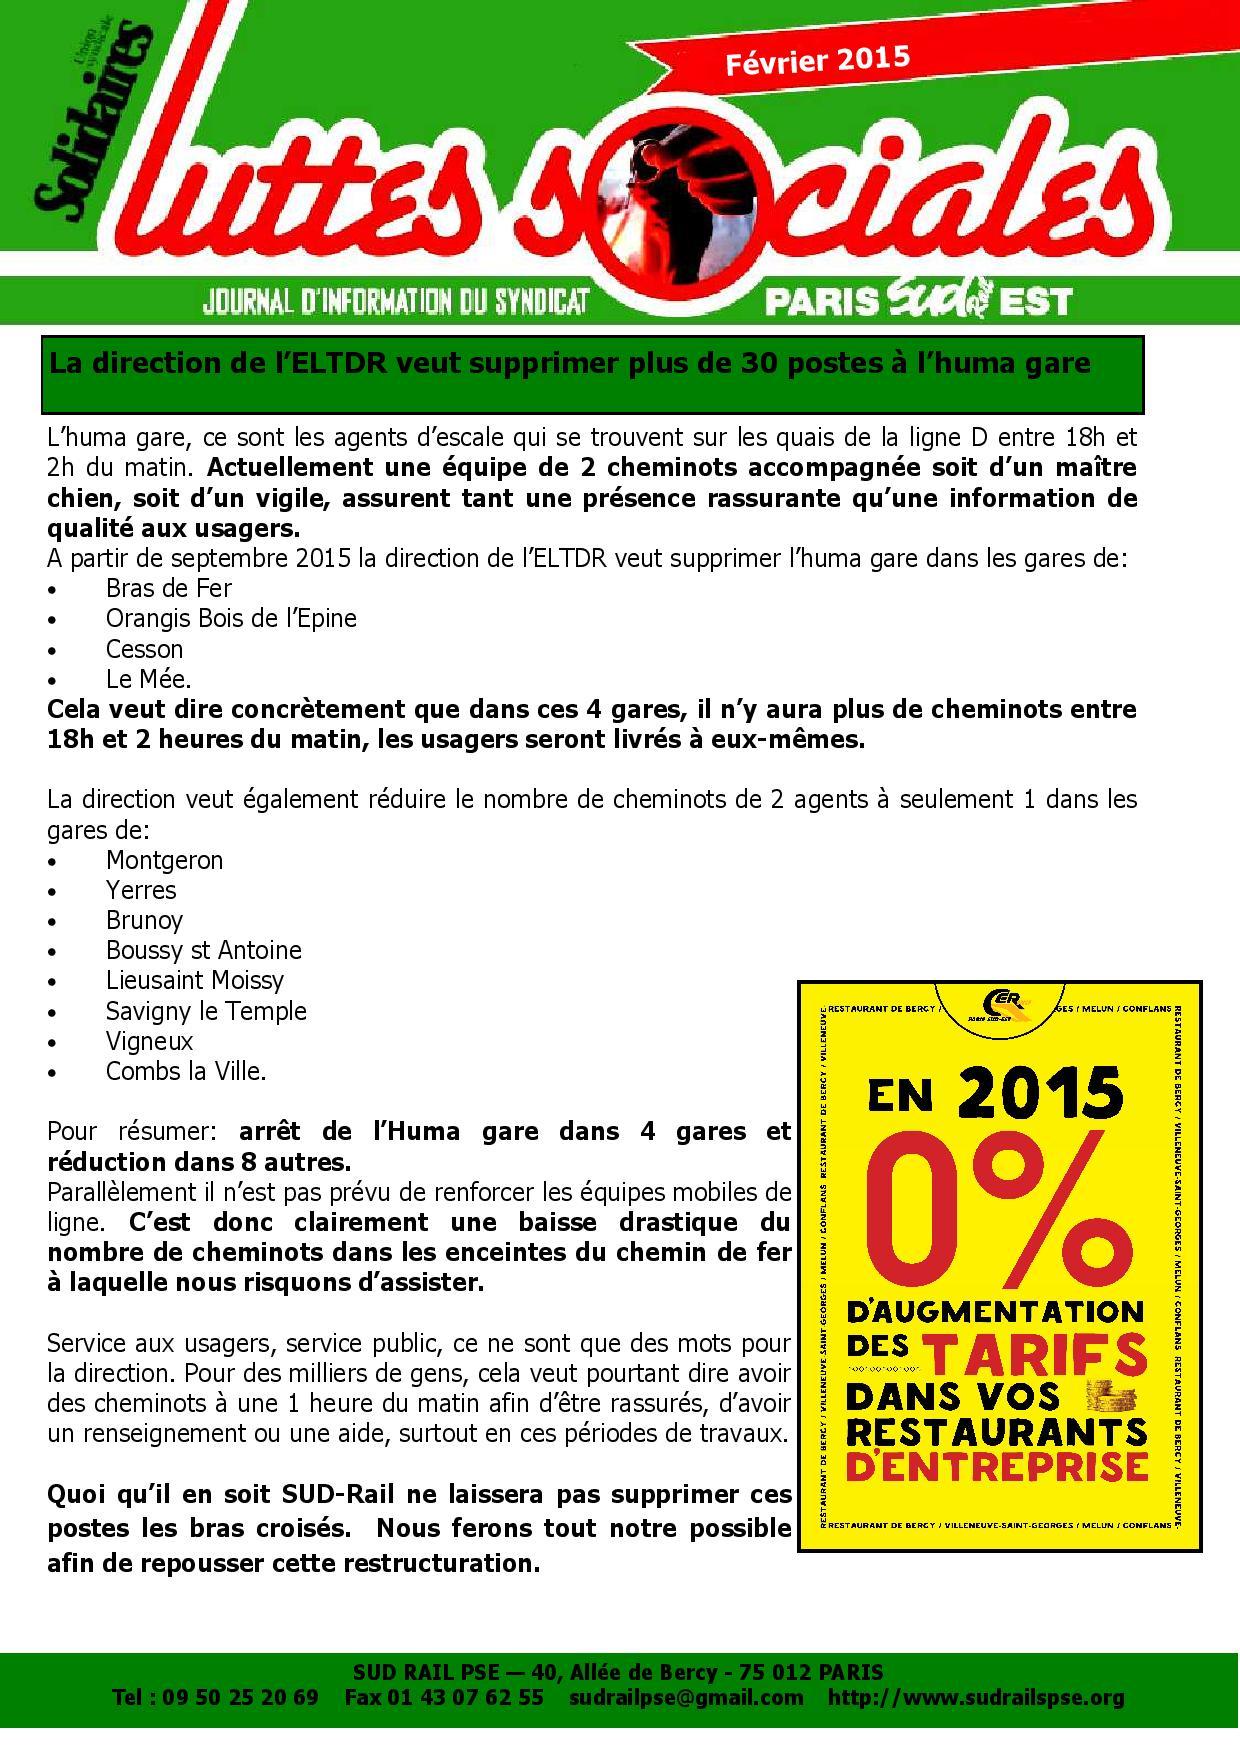 LS f+®vrier 2015-page-001